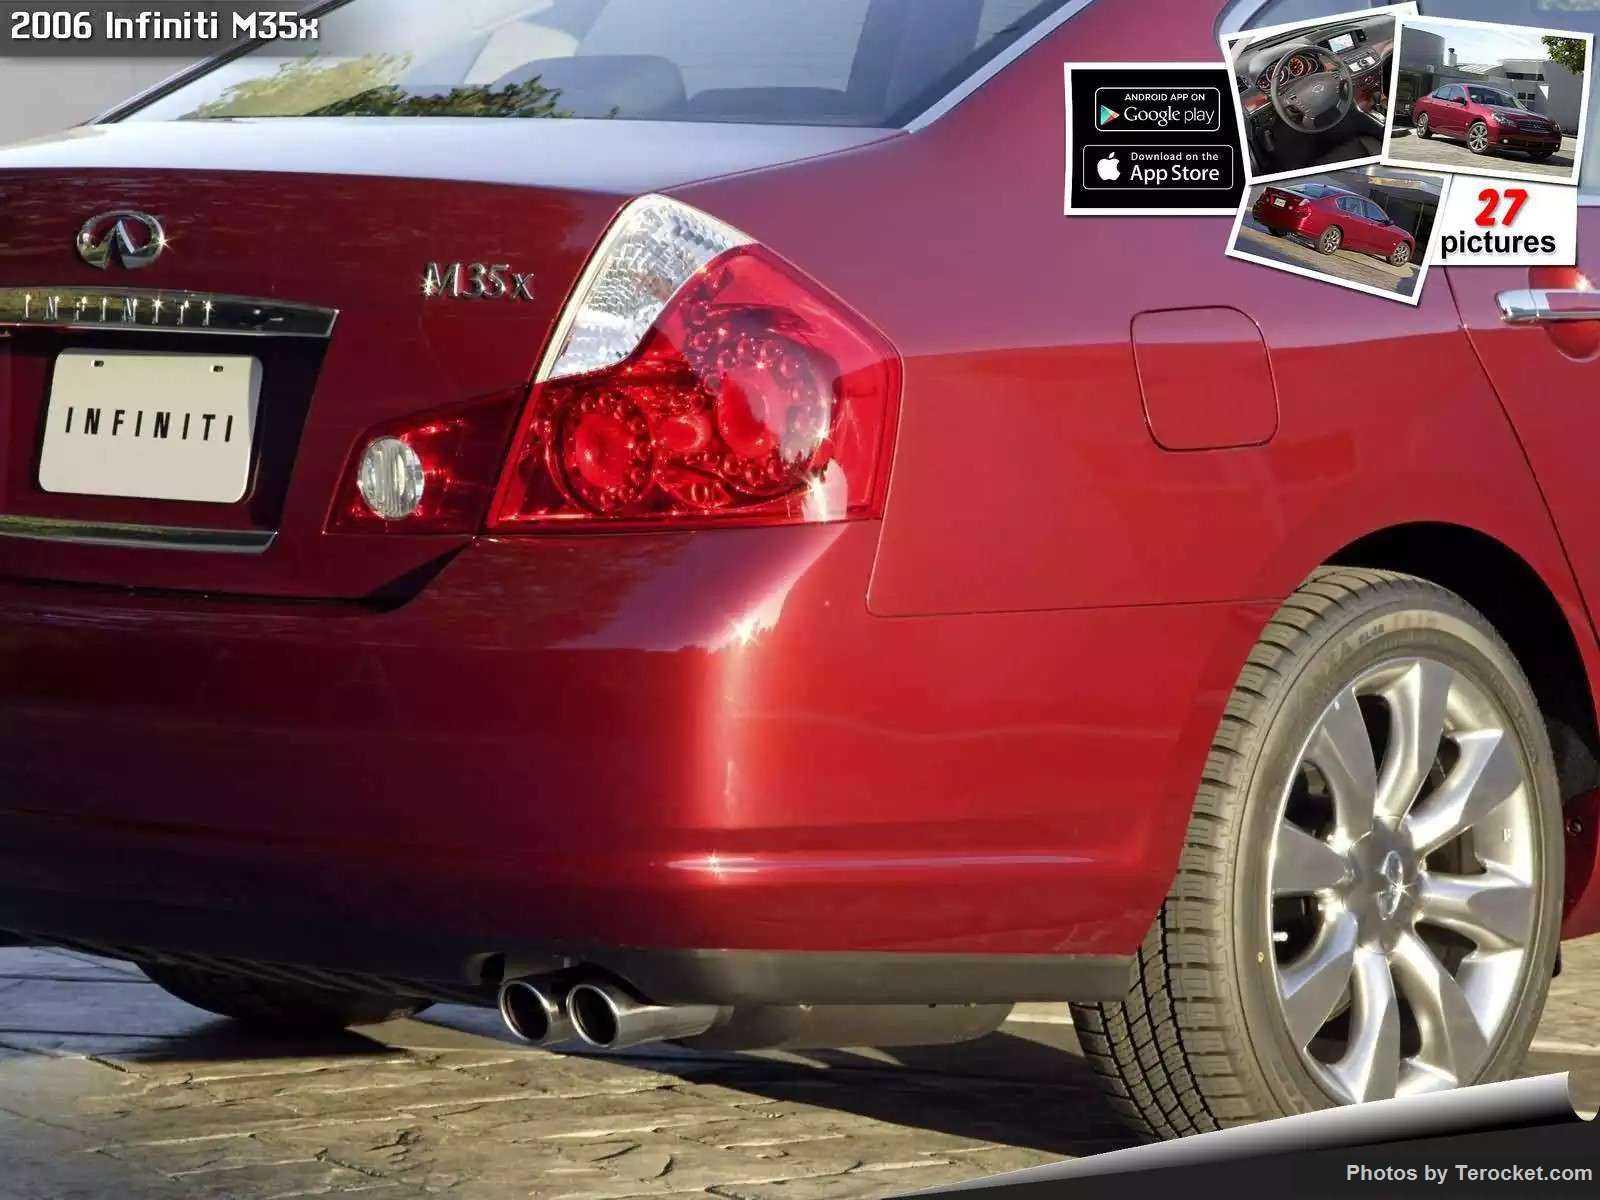 Hình ảnh xe ô tô Infiniti M35x 2006 & nội ngoại thất